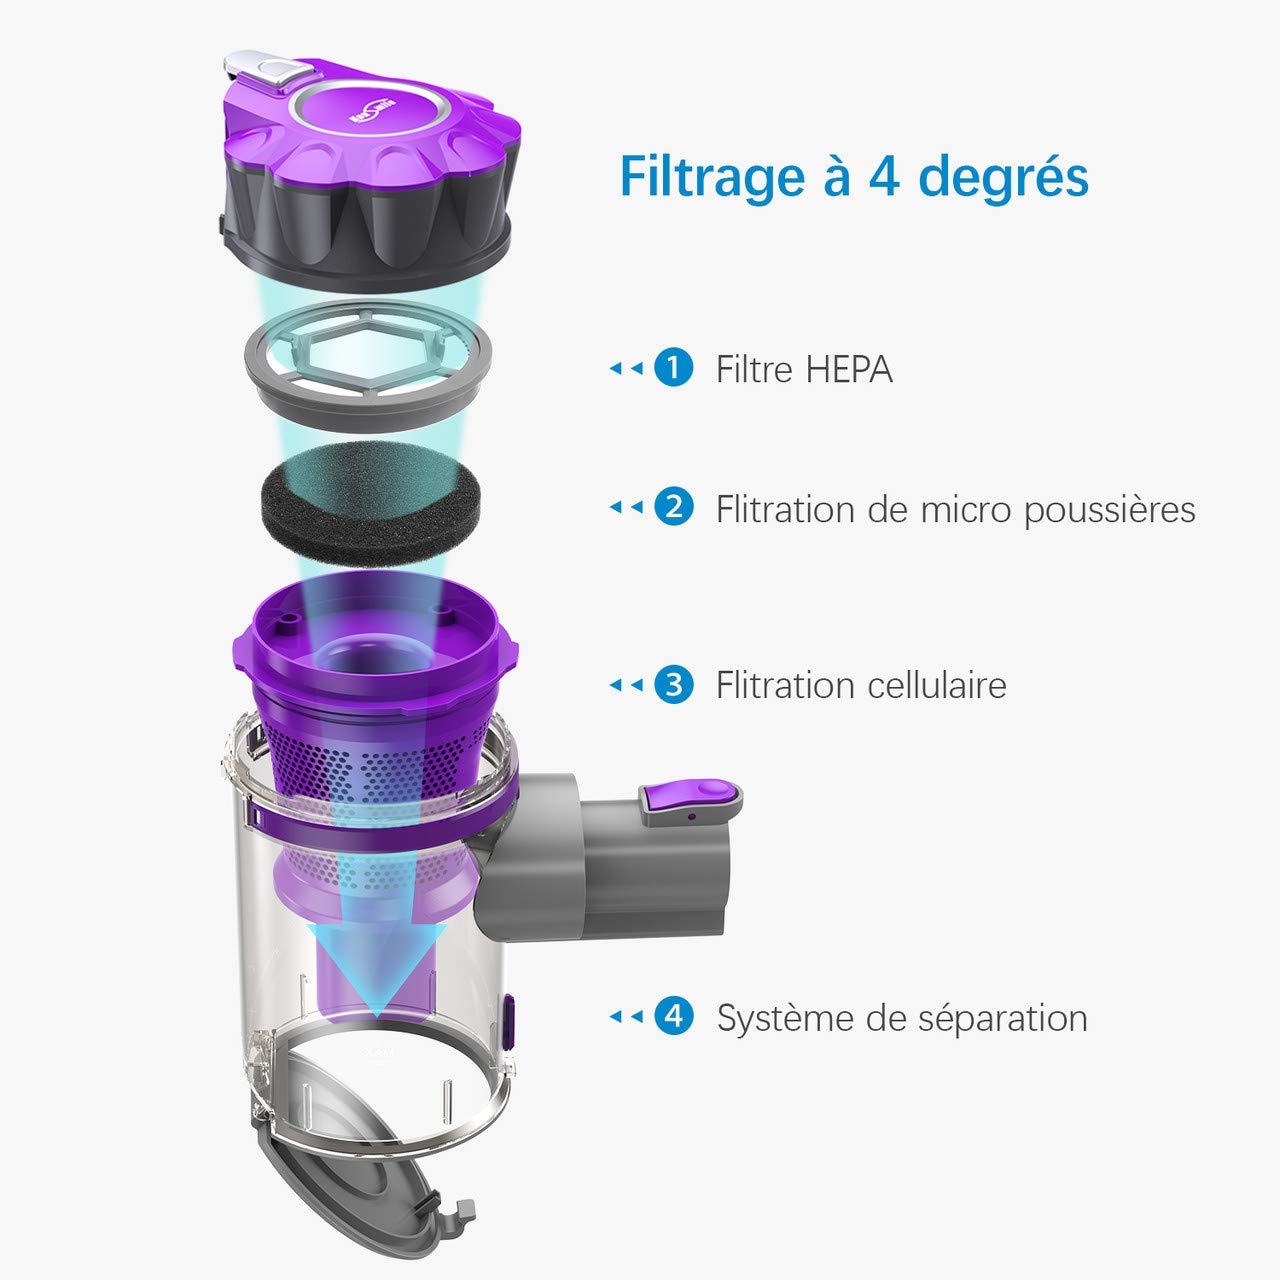 Housmile Aspirador sin Cable 7500Pa,Aspirador Escoba 2 en 1 con 2 Modos de Limpieza,Dep/ósito 0.6L-Gris y Violeta